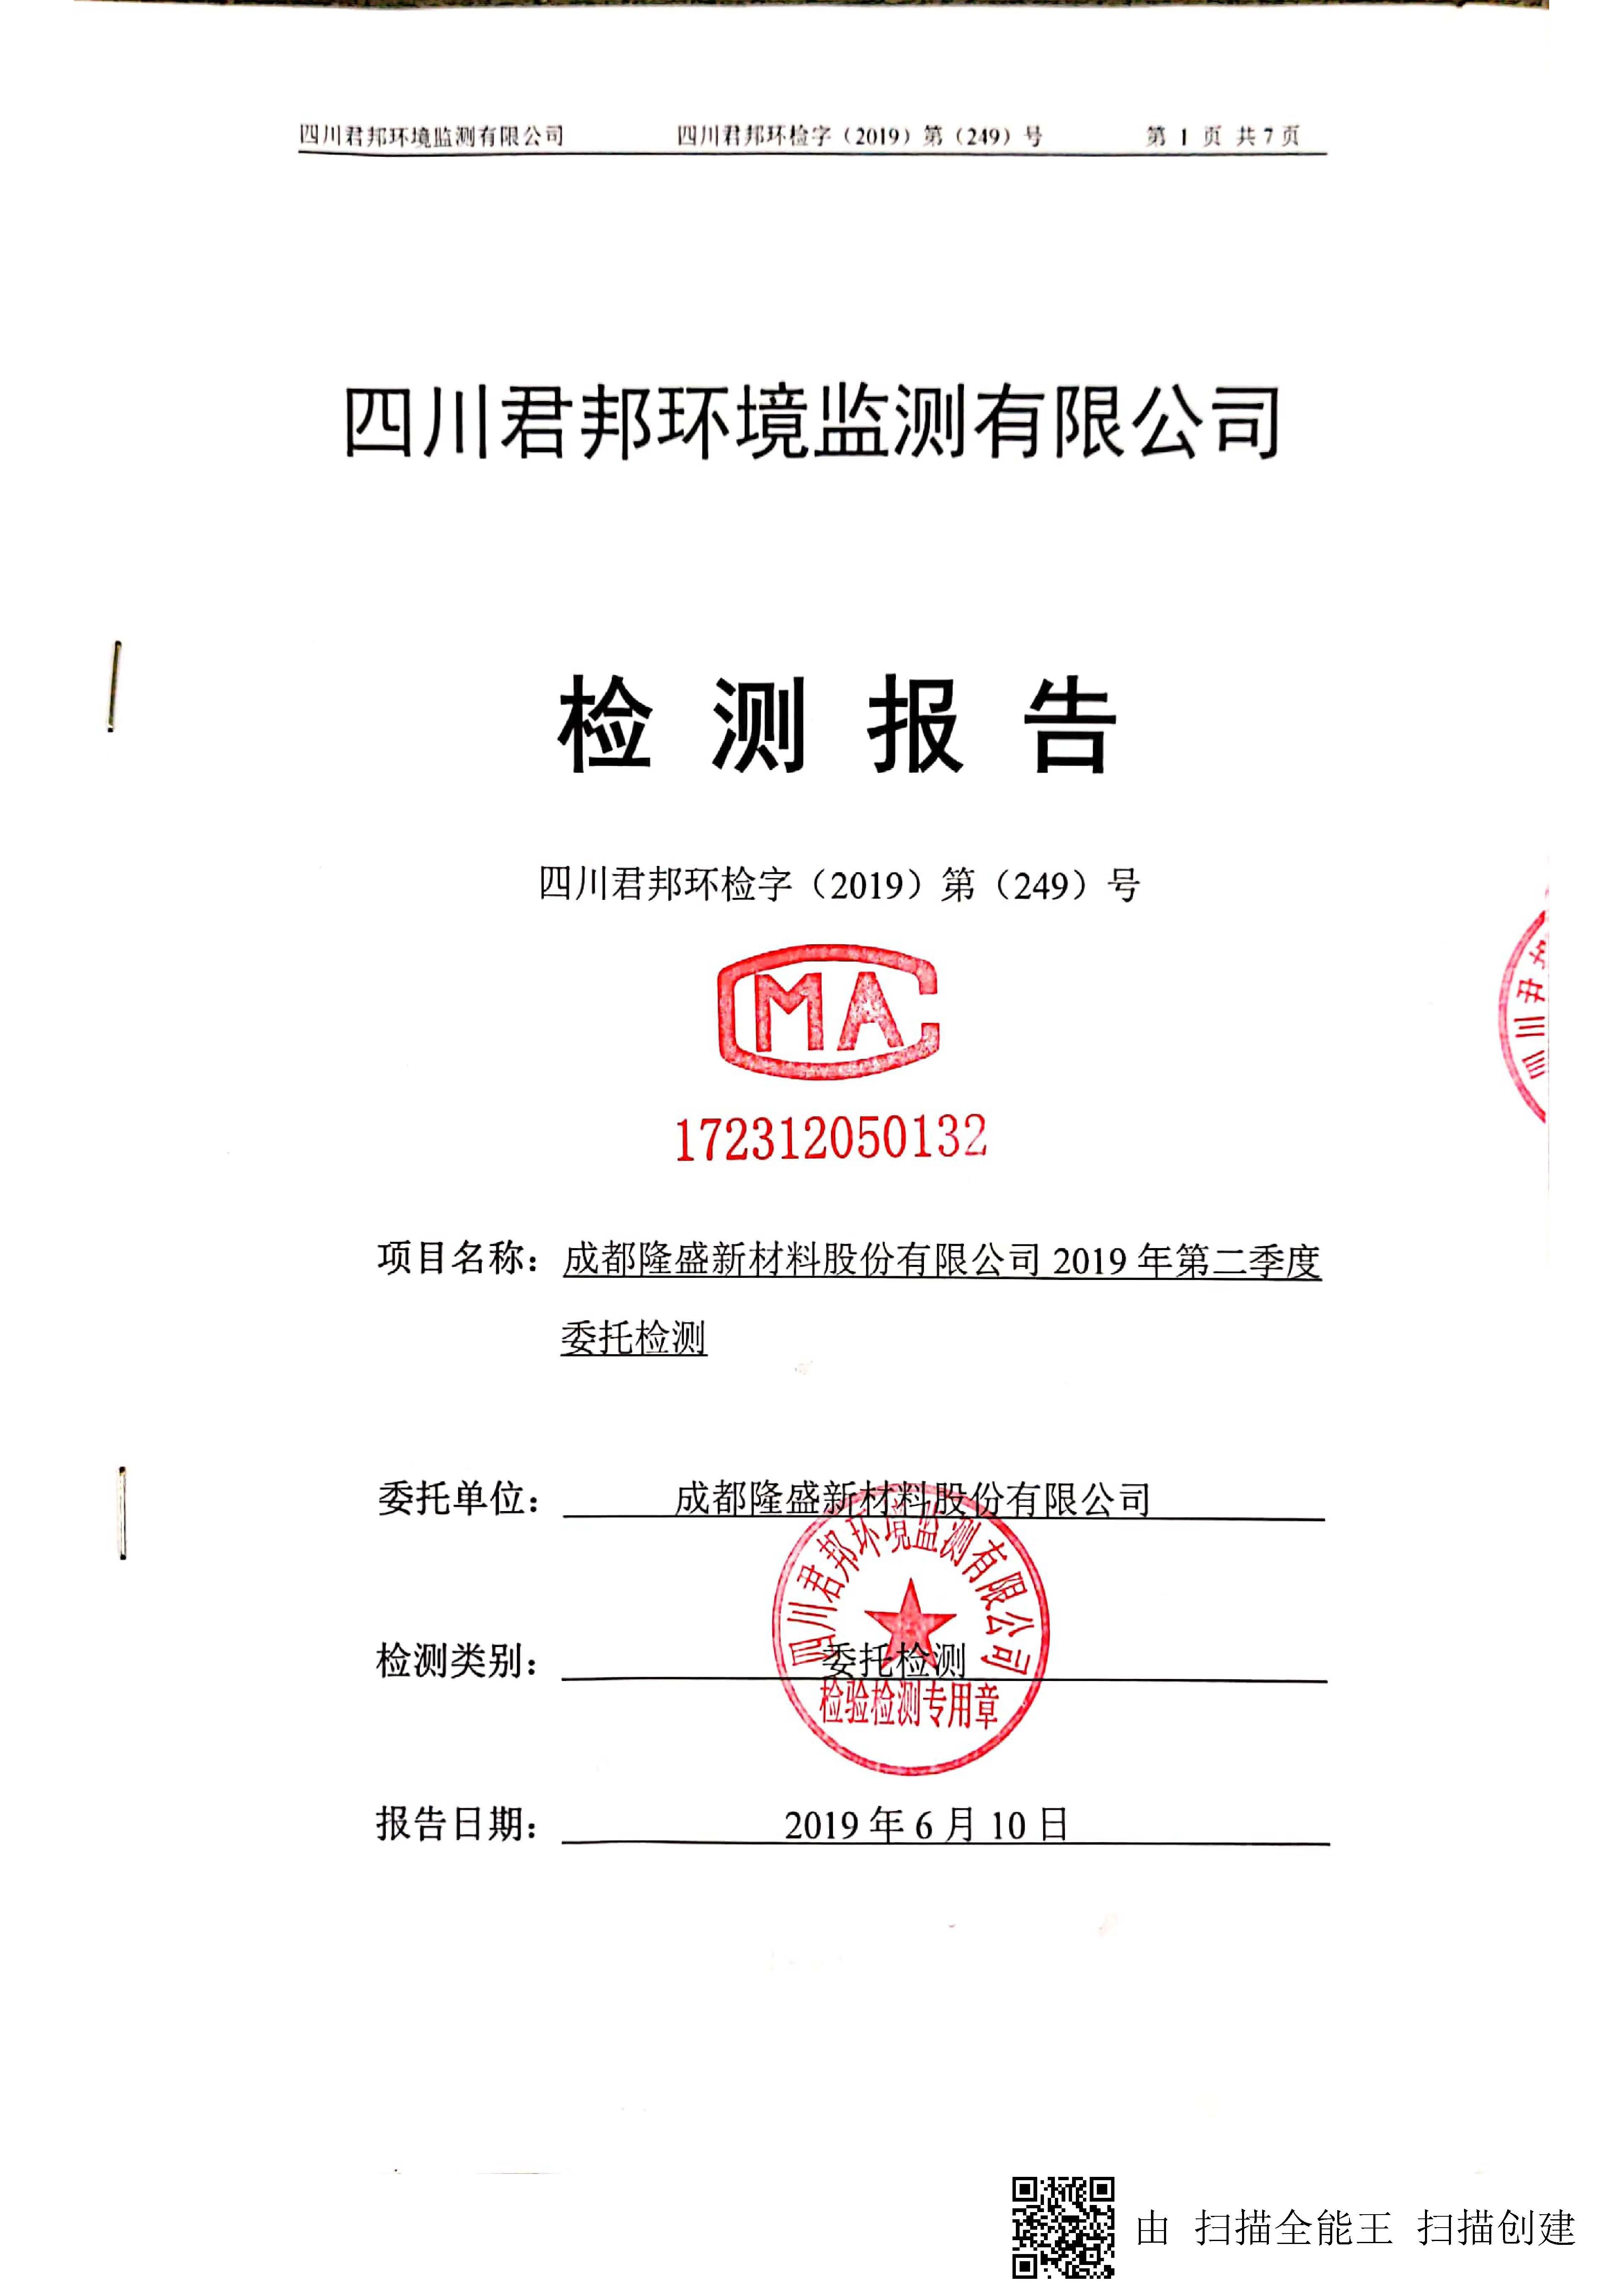 成都隆盛新材料股份有限公司2019年第二季度环保监测报告